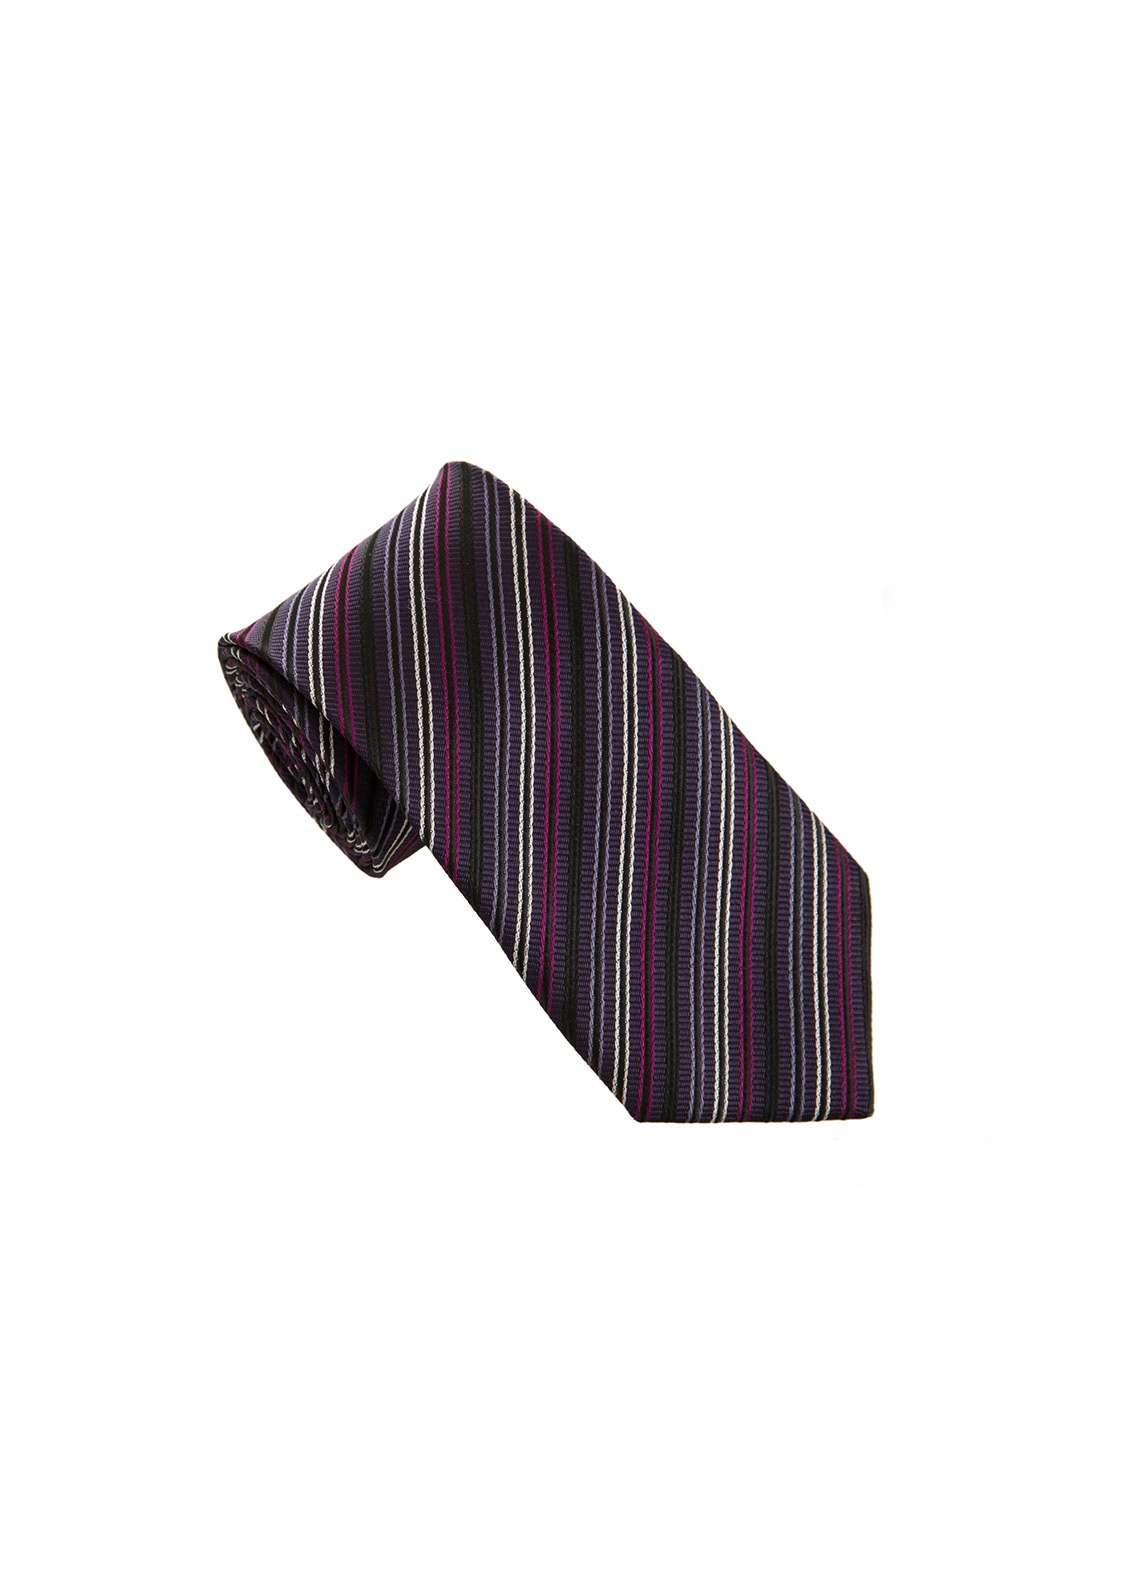 The Gentlemen's Club Purple Striped Silk Men's Ties